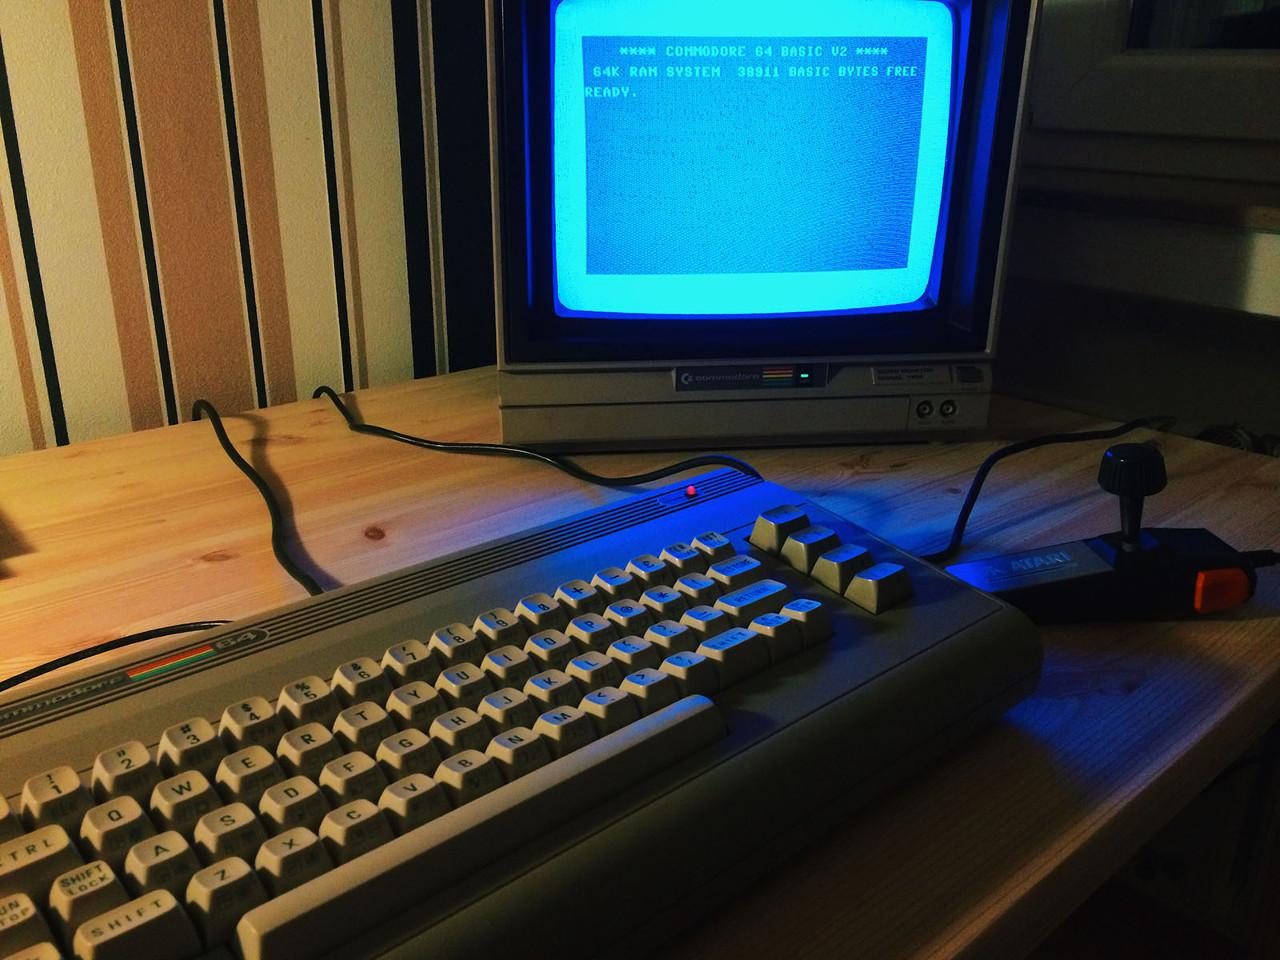 Kinderzimmer Reloaded. Der Faszination eines Commodore 64 kann man sich nur schwer entziehen. (Bild: Stefan Vogt)